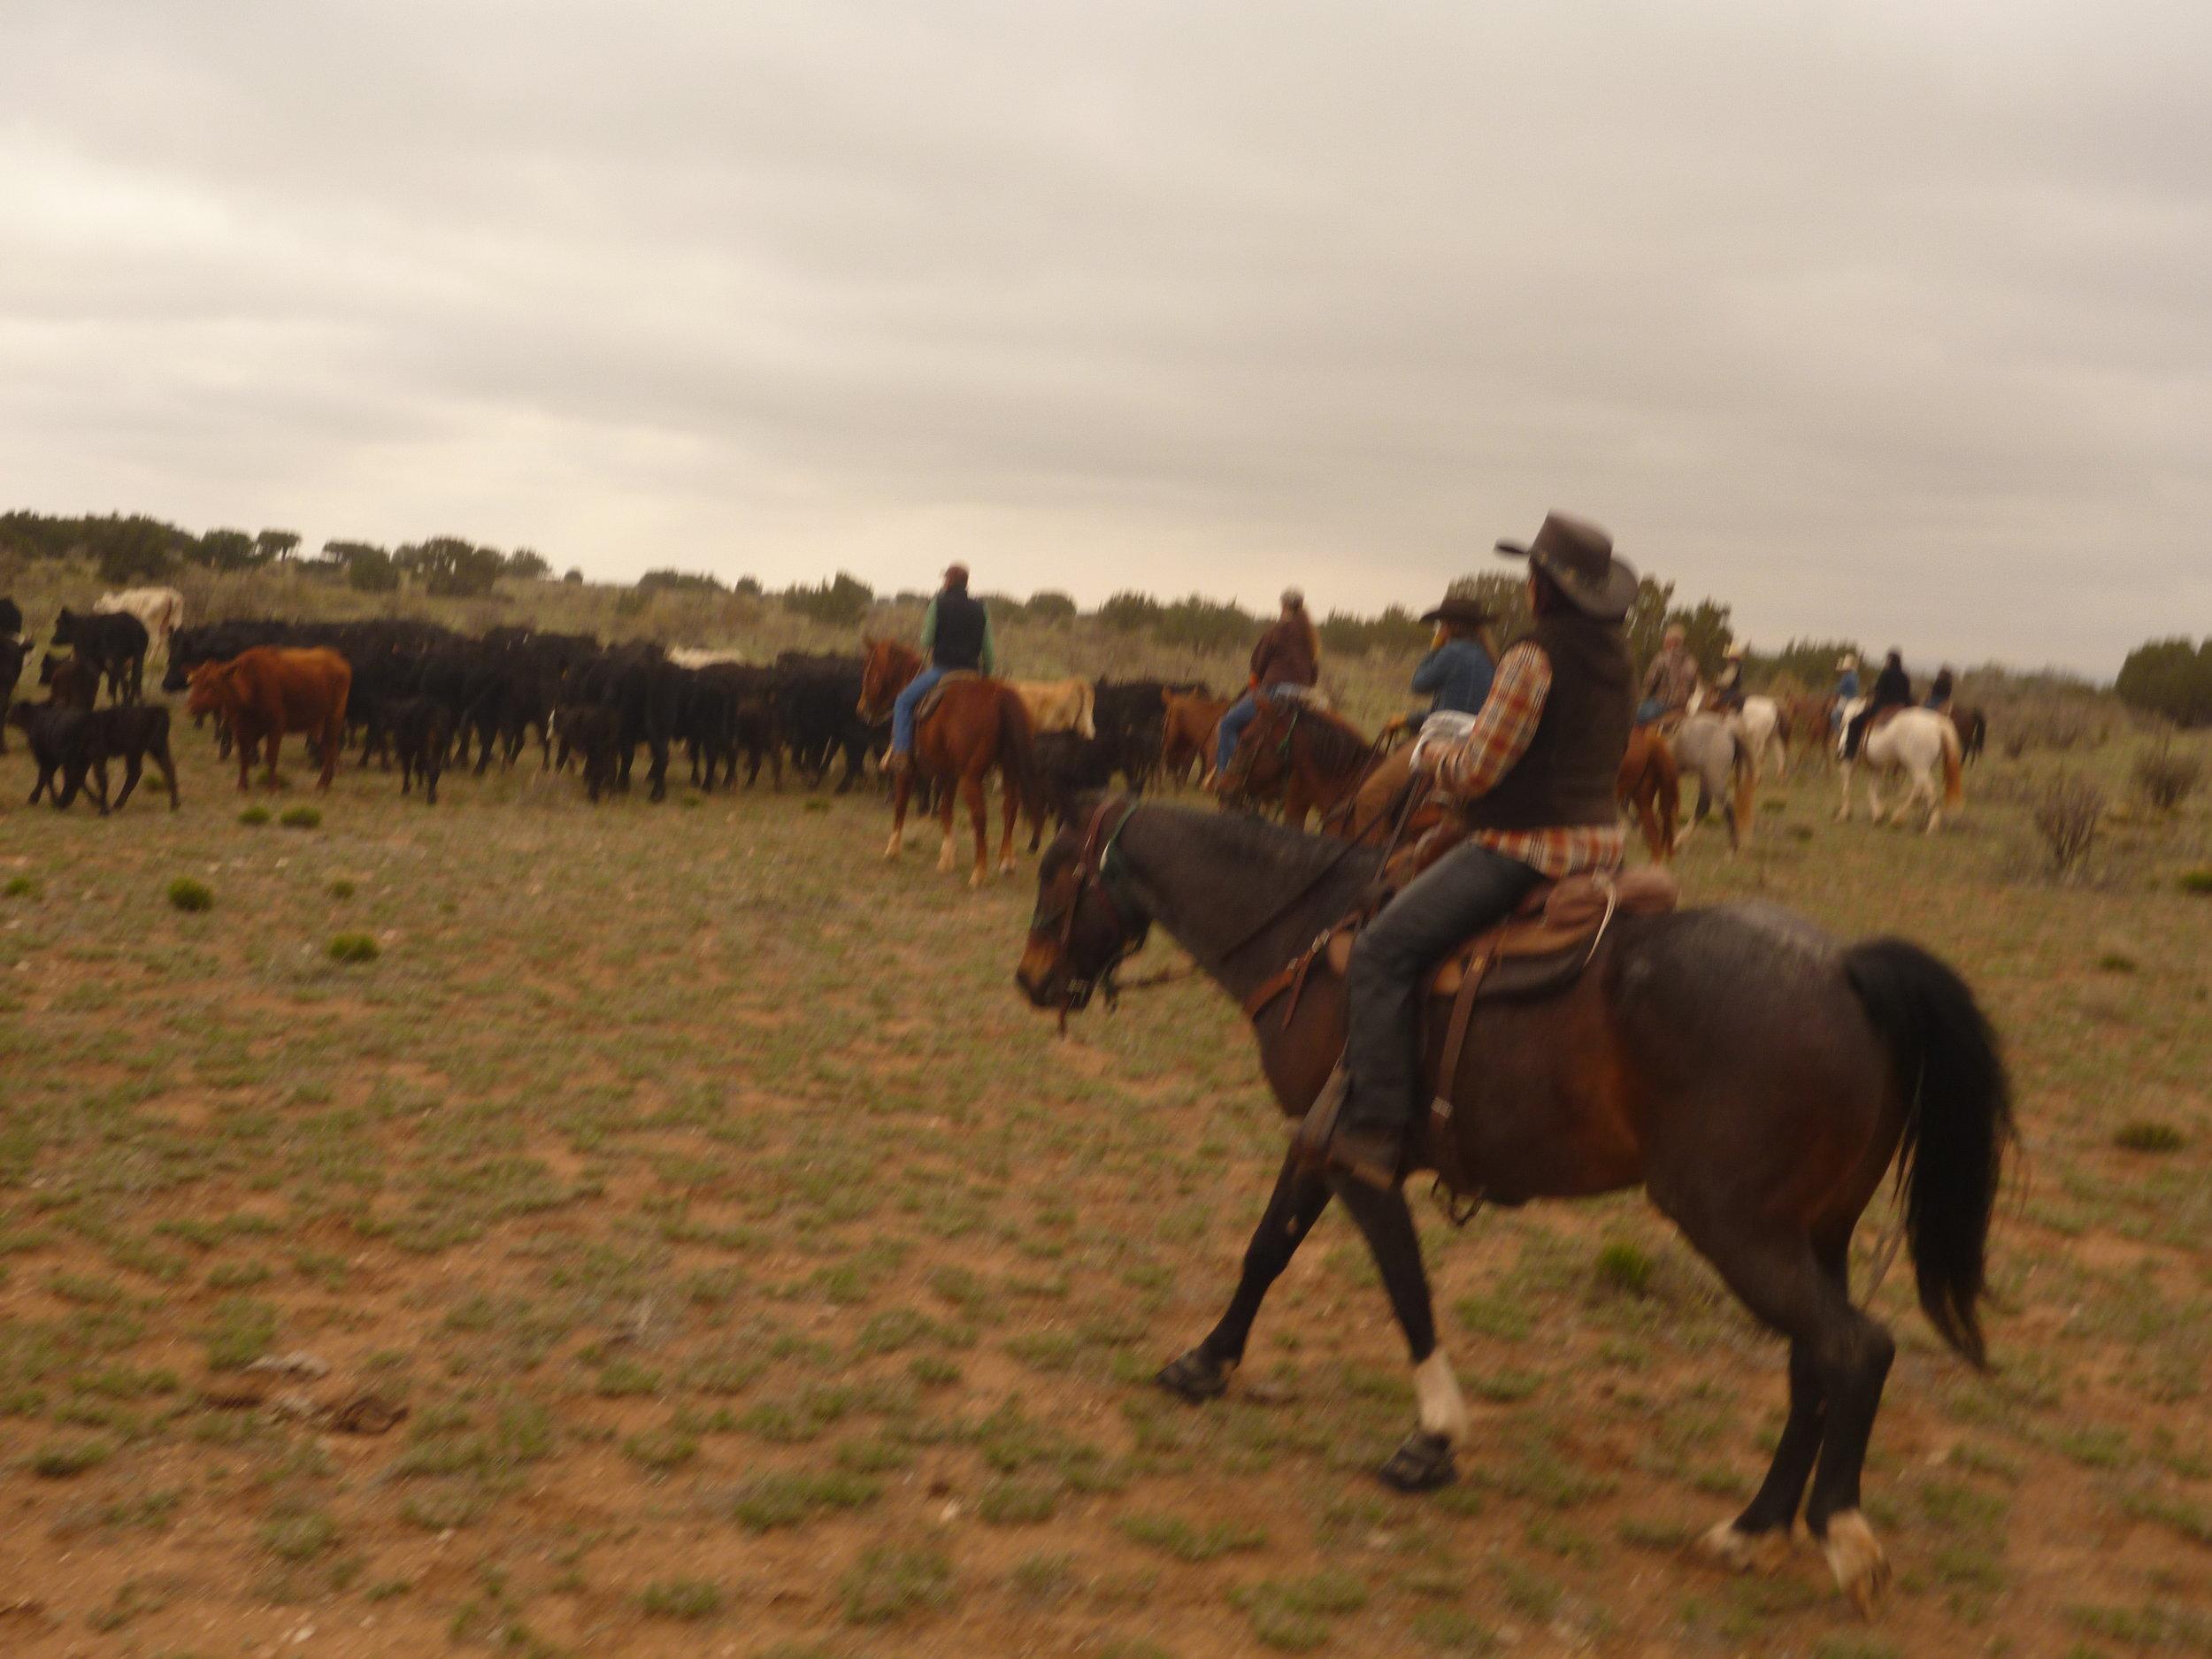 Found them :-) Driving the cattle to the pens.  Gefunden :-) Viehtrieb der Rinder zu den Pens.